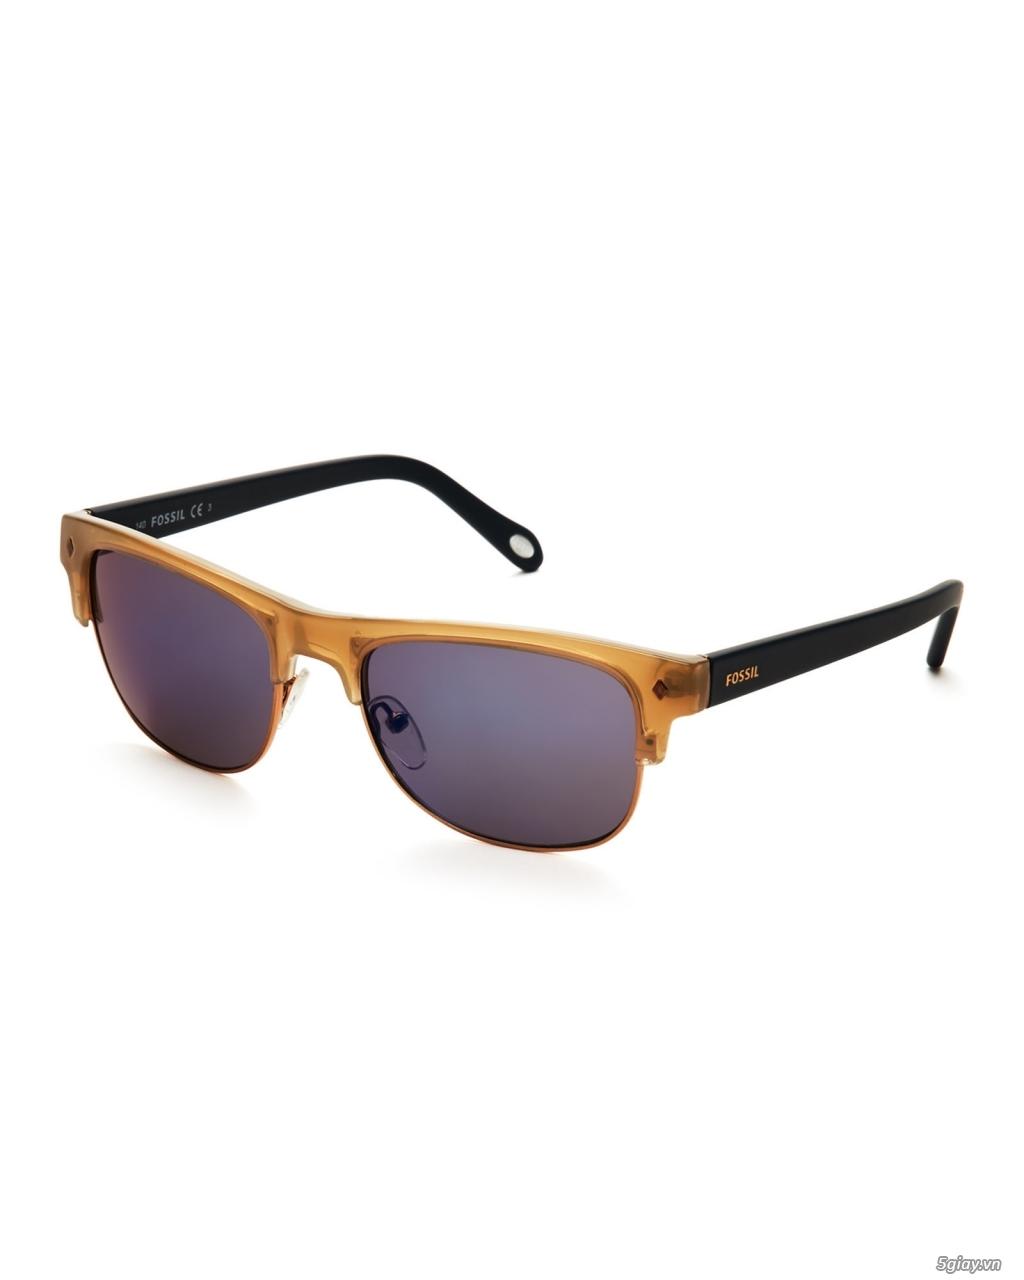 Mắt kính nam, kính mát nam hàng hiệu xách tay USA - 15